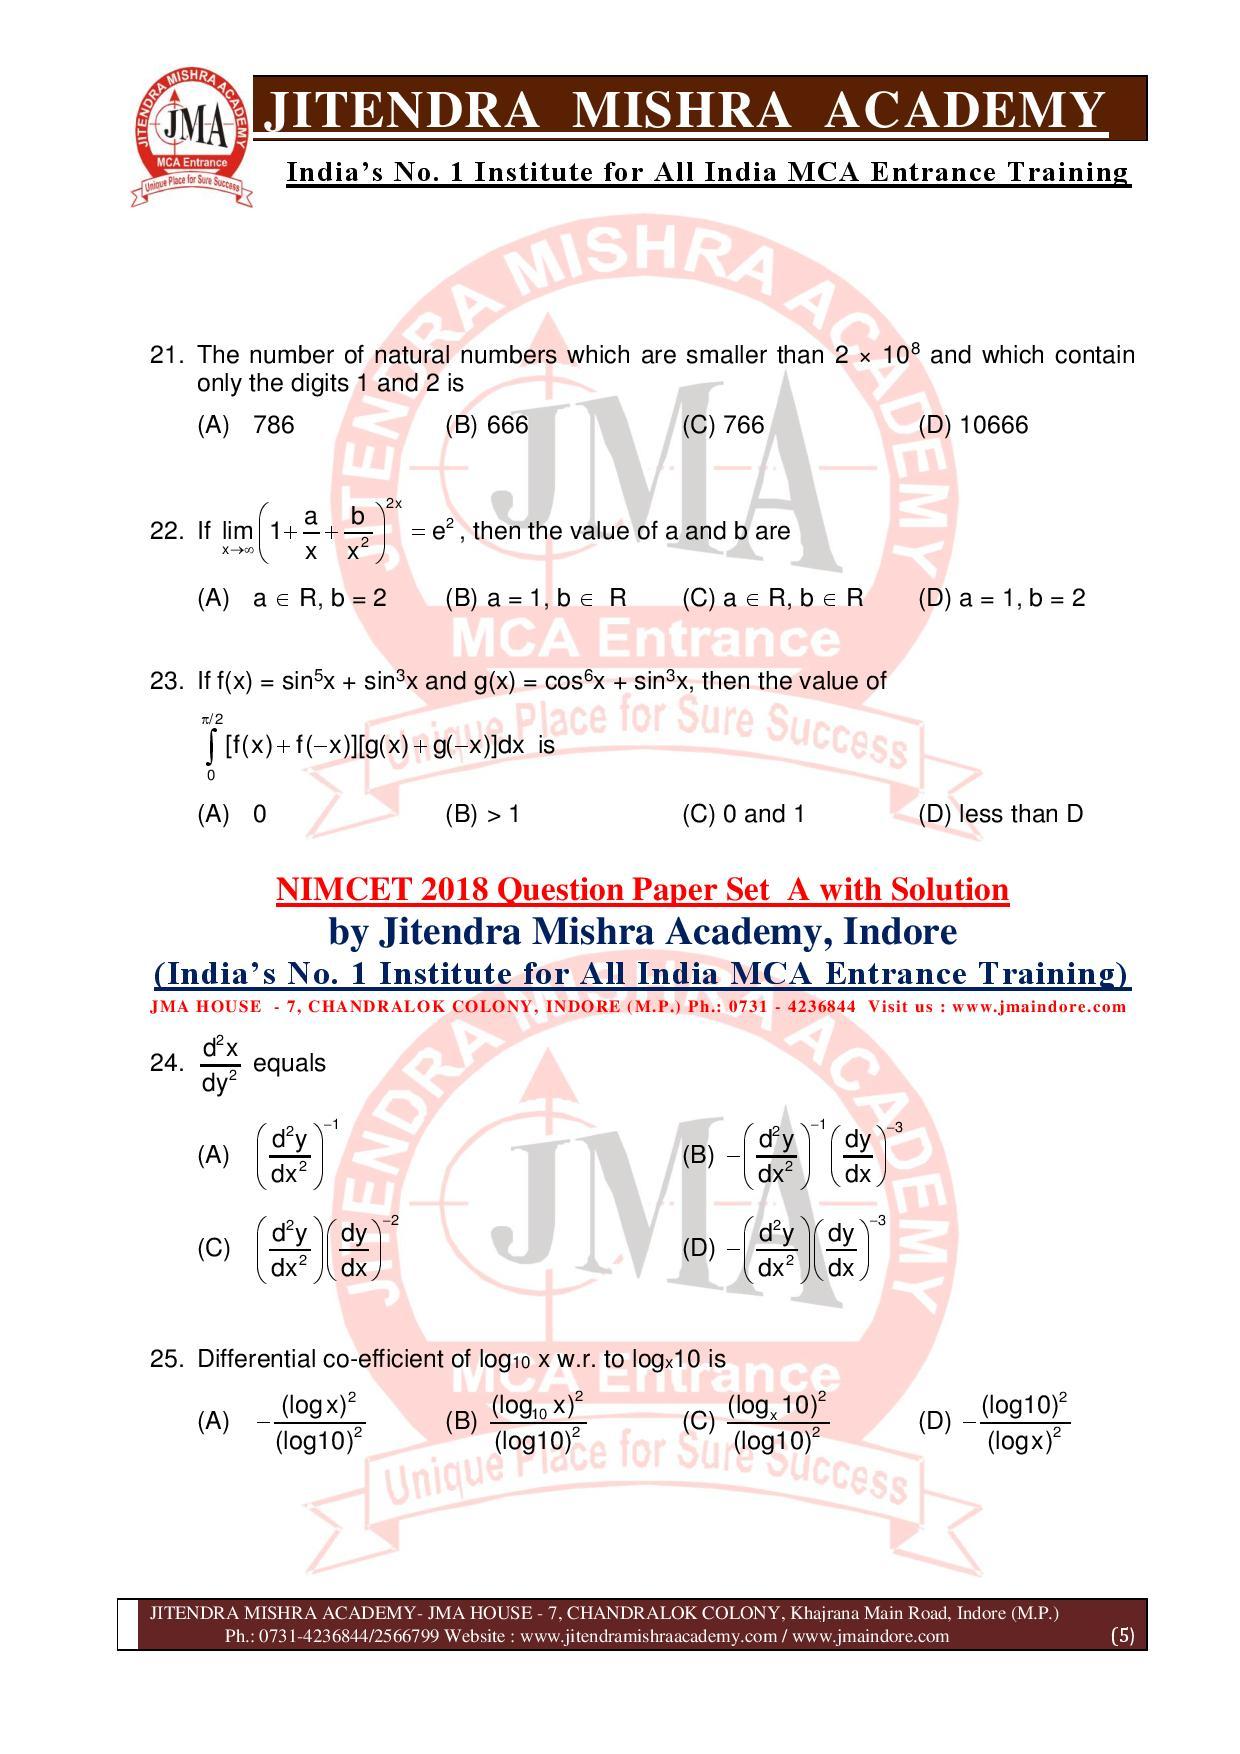 Vit Question Paper Pdf